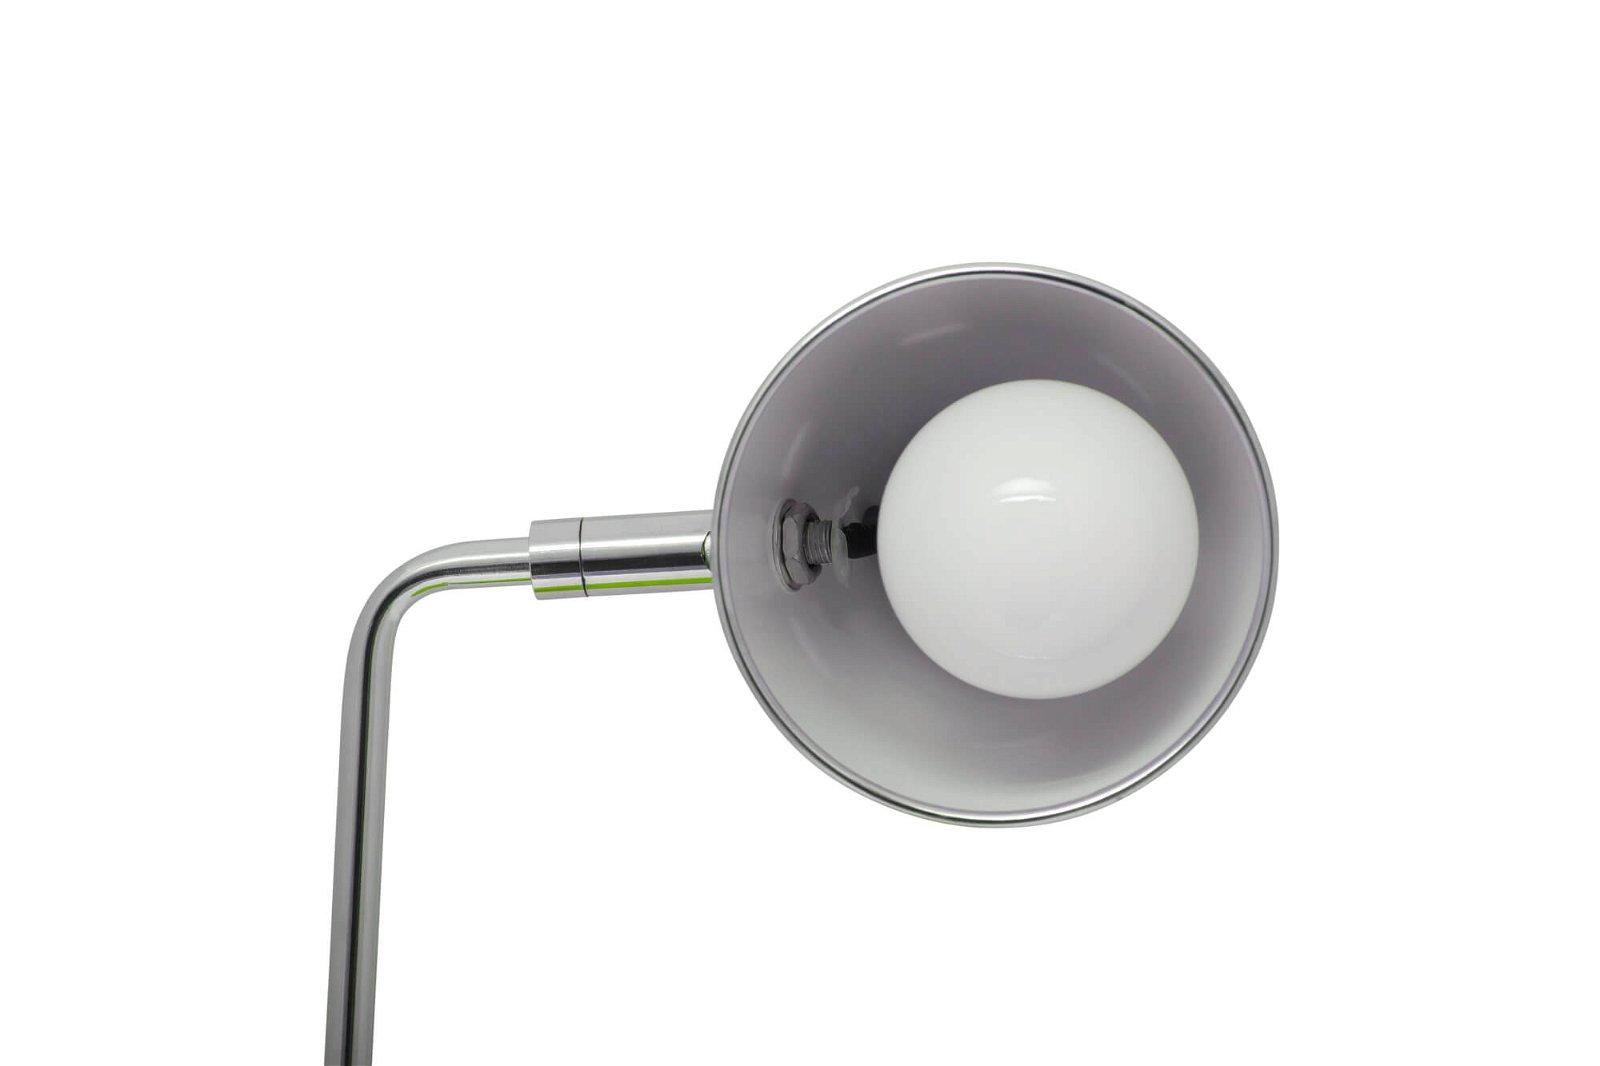 LED-Tischleuchte MAULstarlet, hellgrün